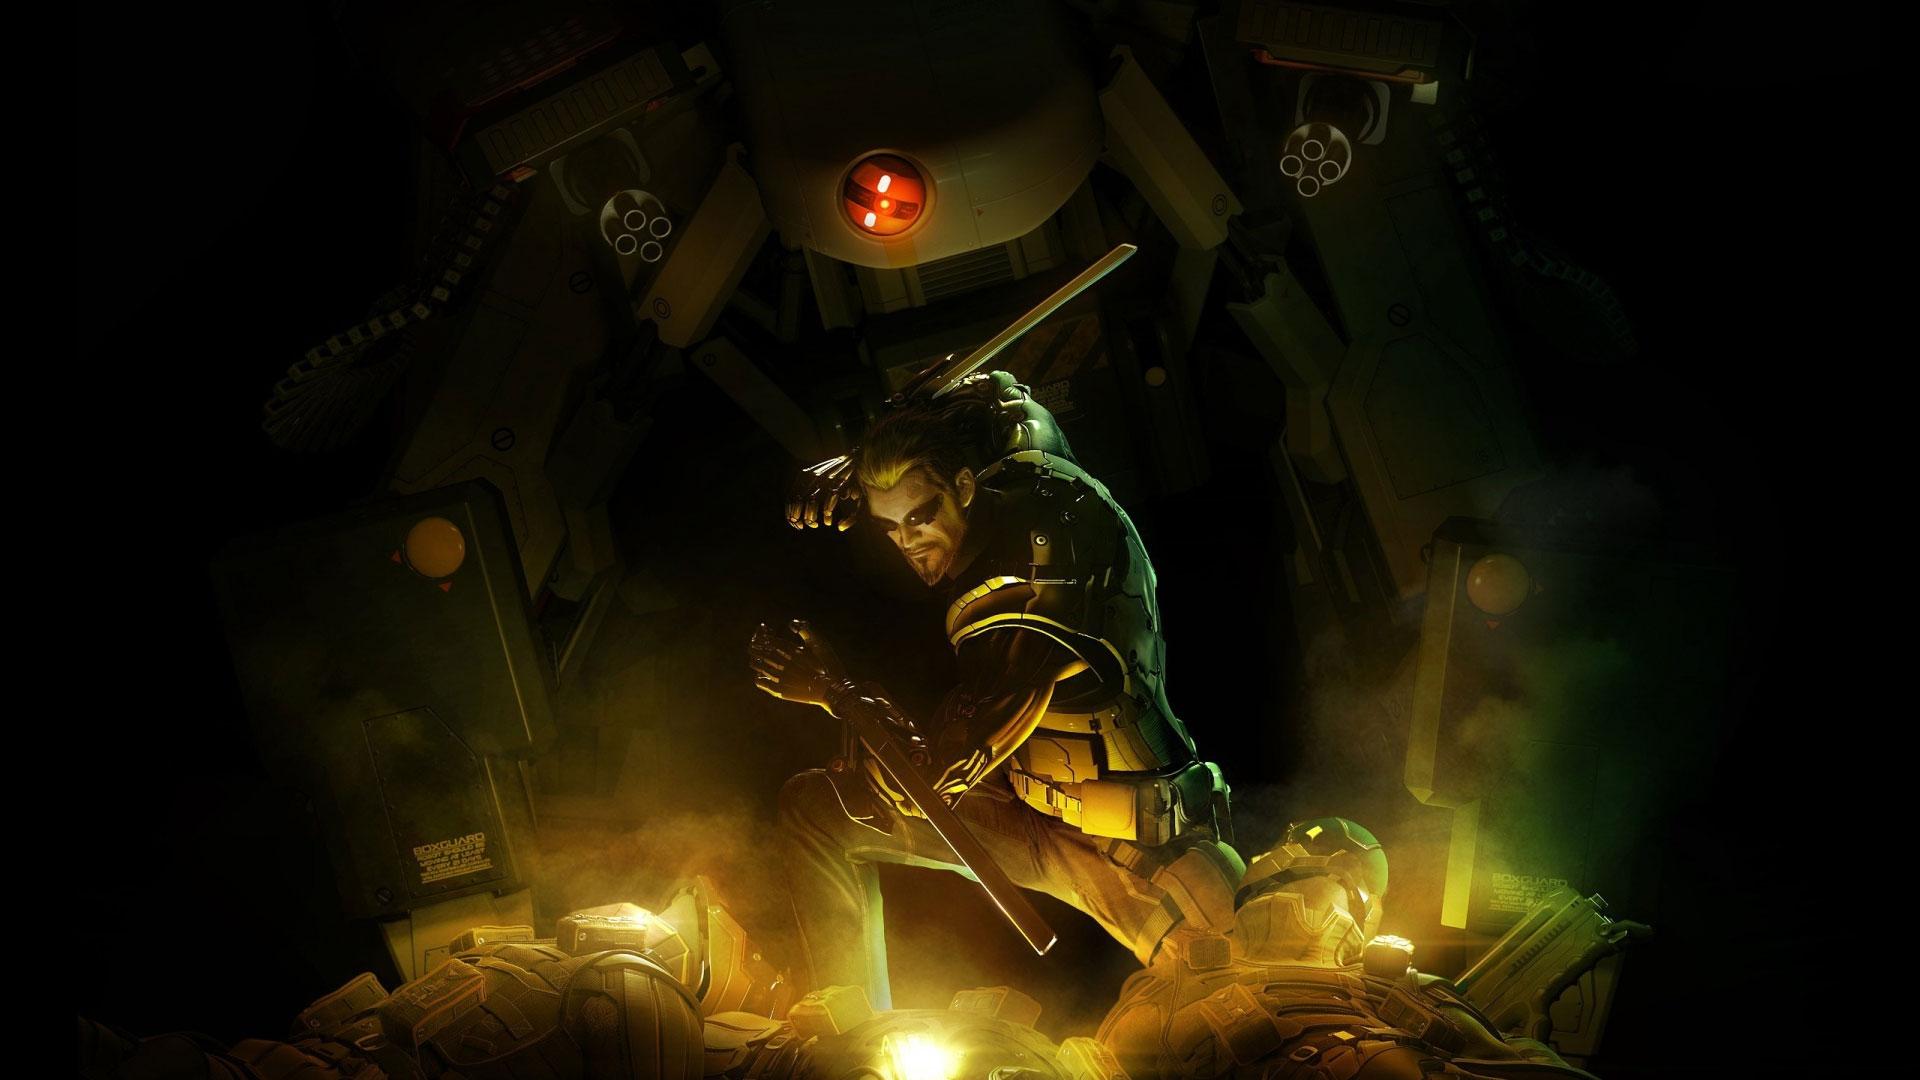 Deus Ex Human Revolution Wallpapers in HD 1920x1080